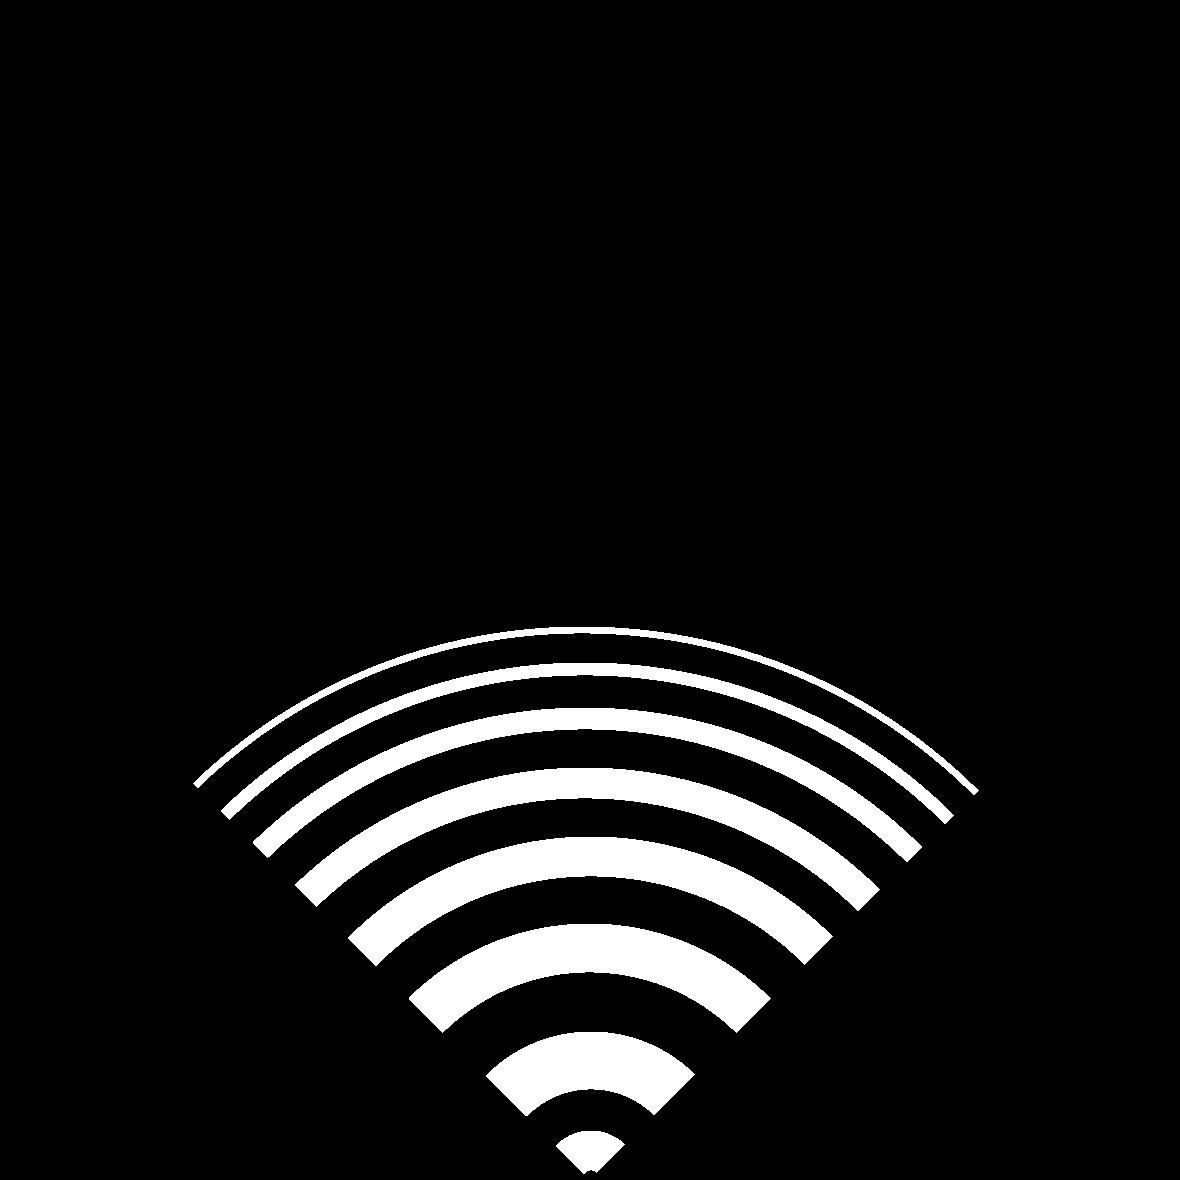 dormakaba dkey phone signal